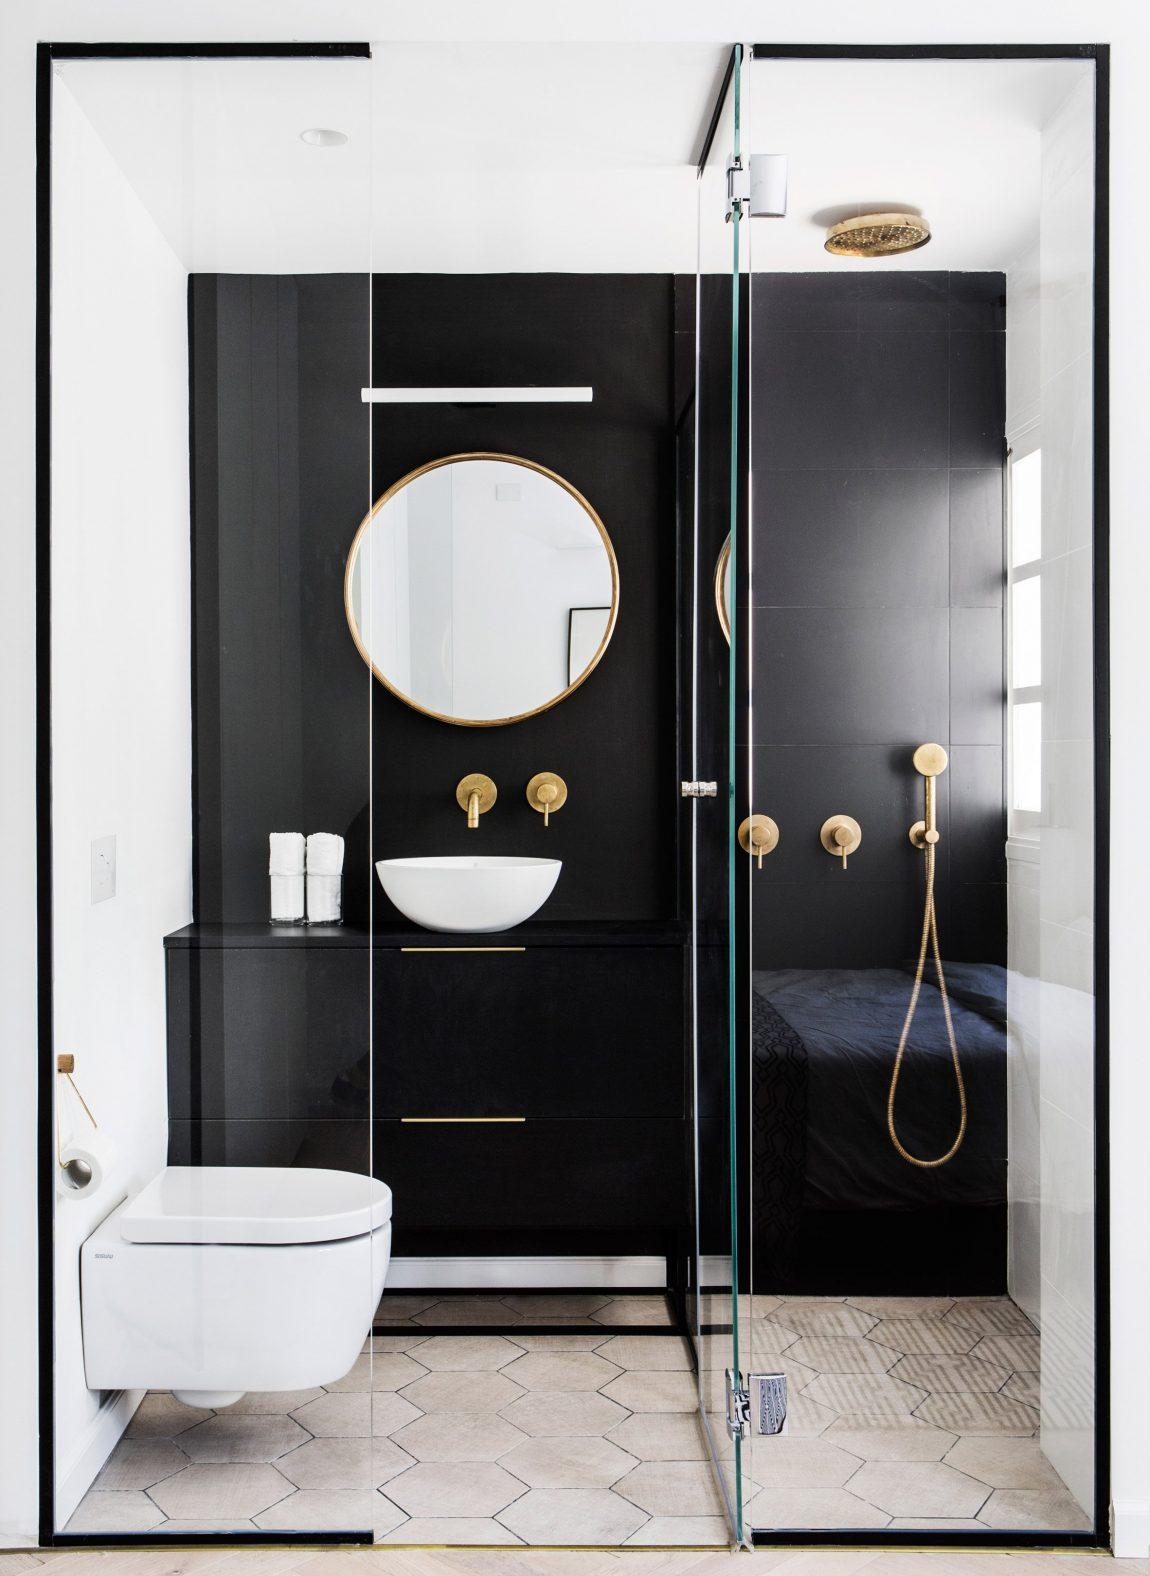 Mooie master bedroom met kleine badkamer ensuite